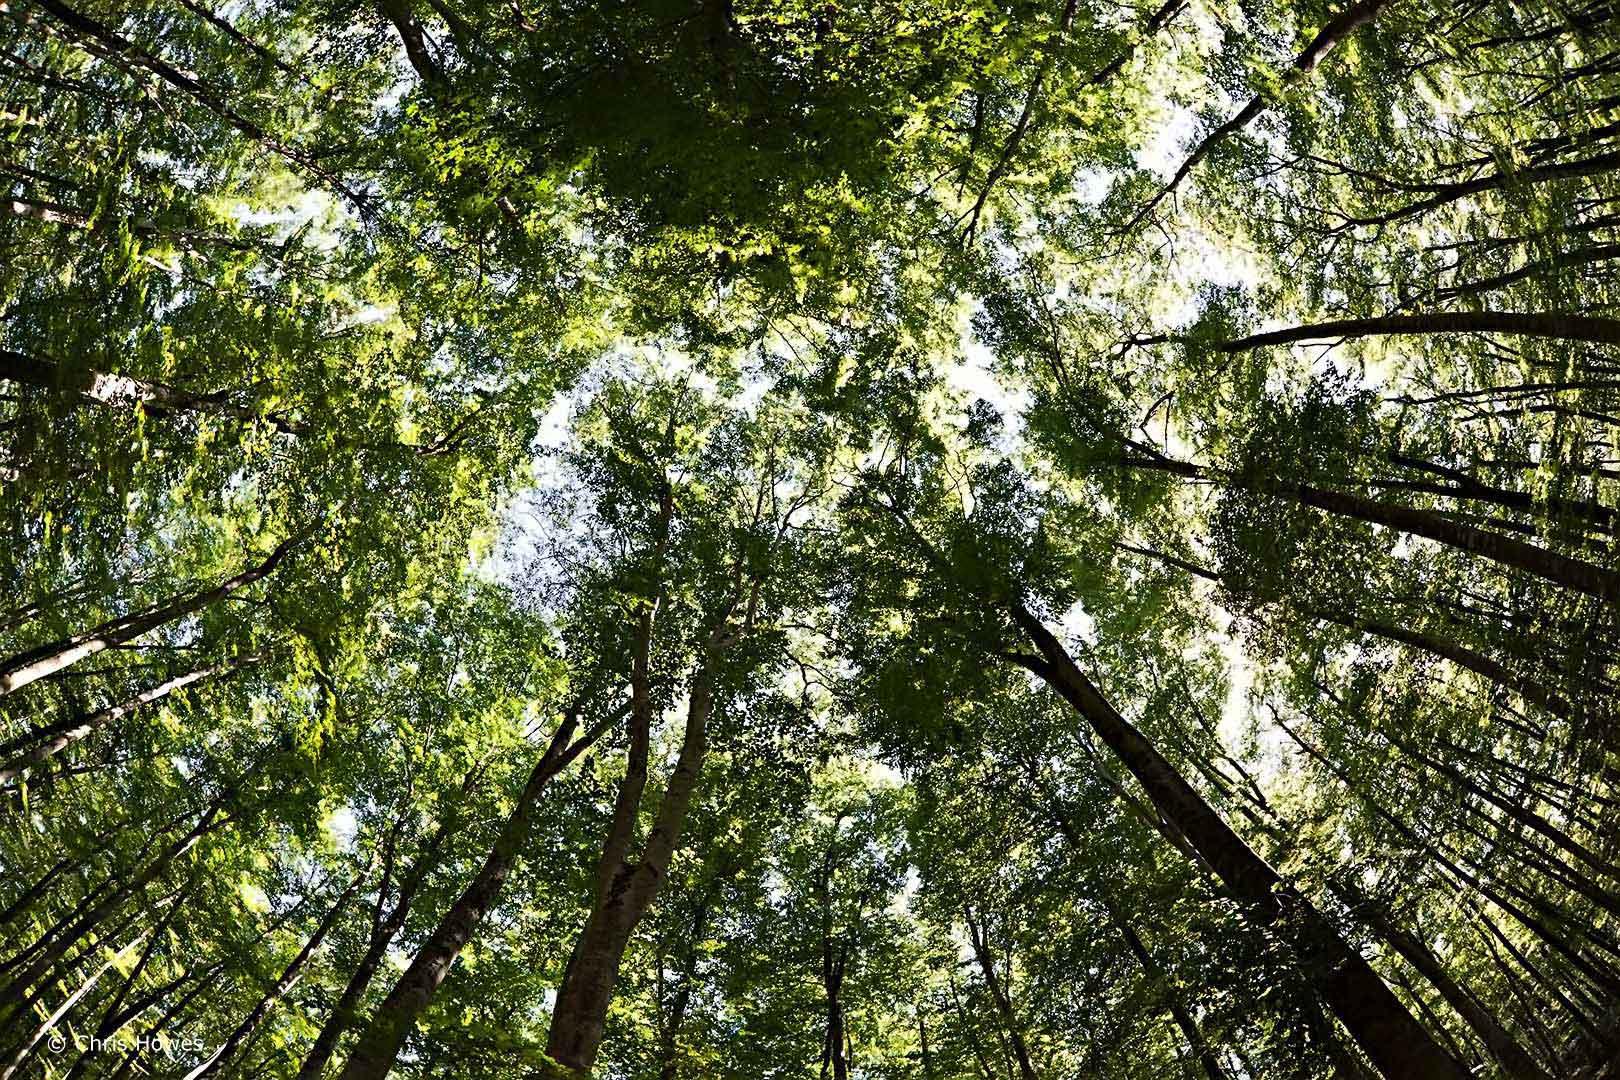 Beech forest, Catalunya, Spain